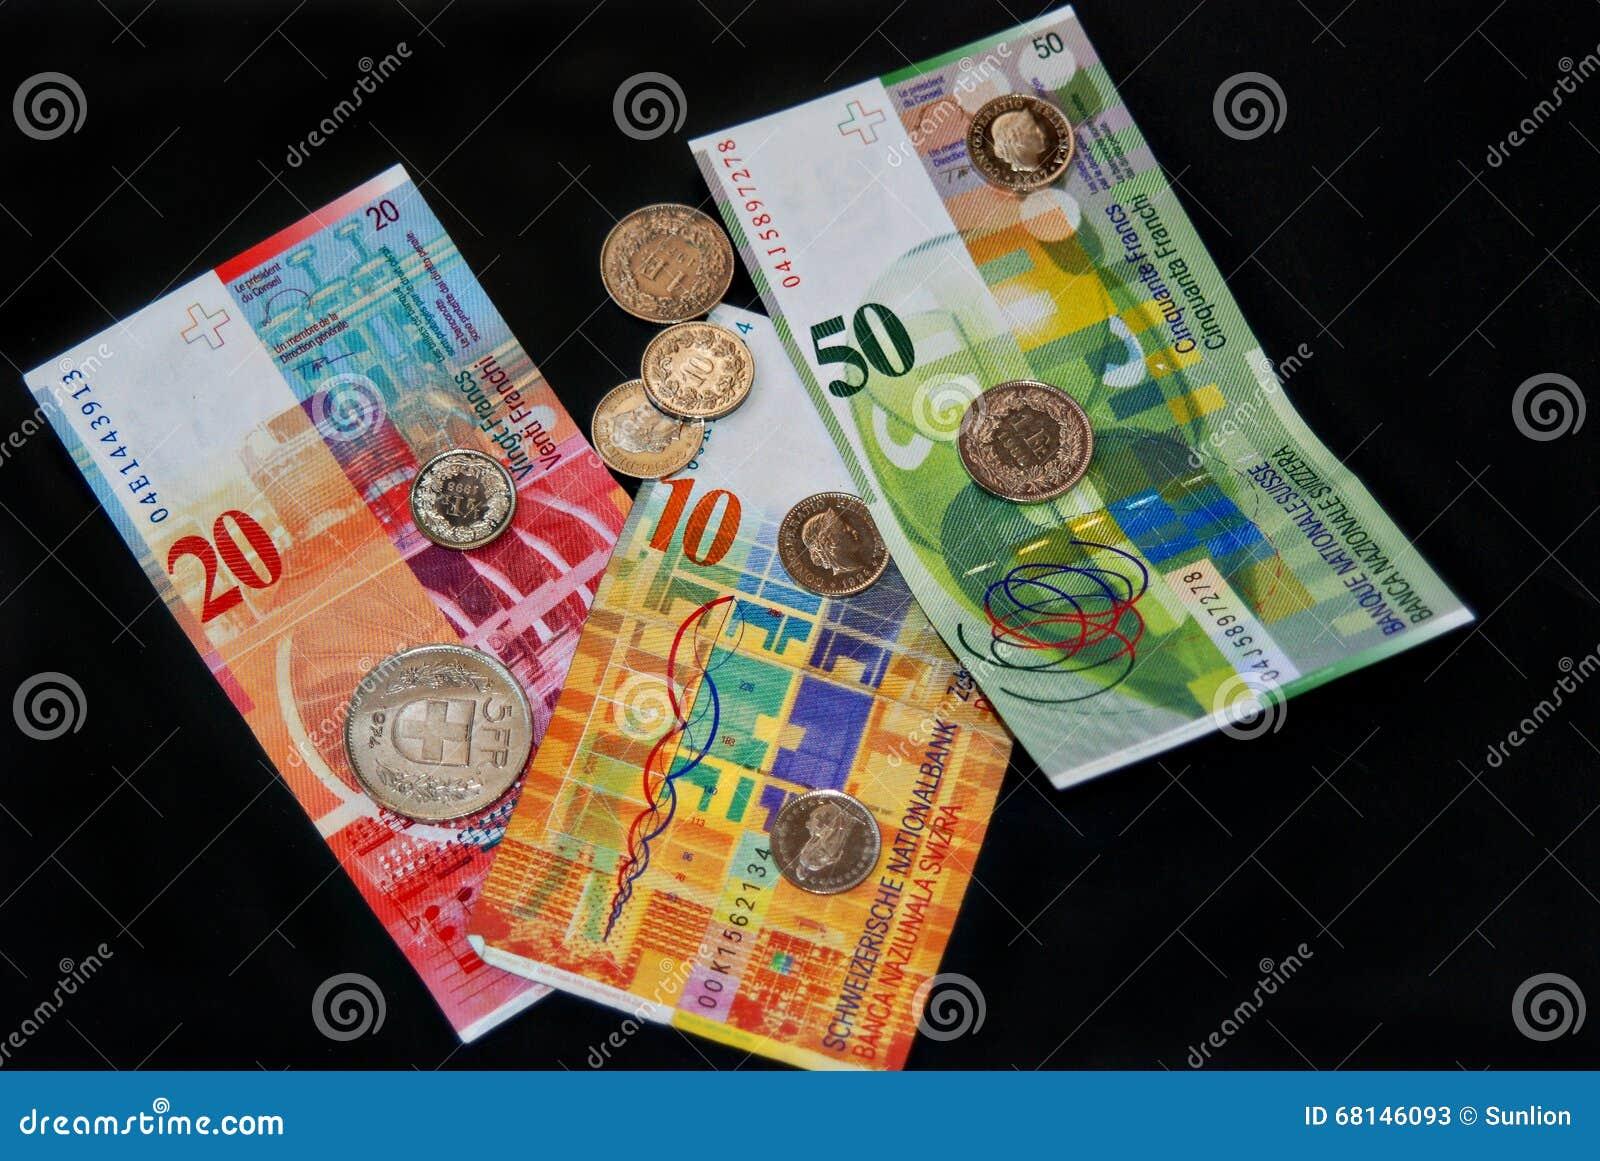 geld des schweizer franken auf schwarzem m nzen und banknoten stockbild bild von ernstlich. Black Bedroom Furniture Sets. Home Design Ideas